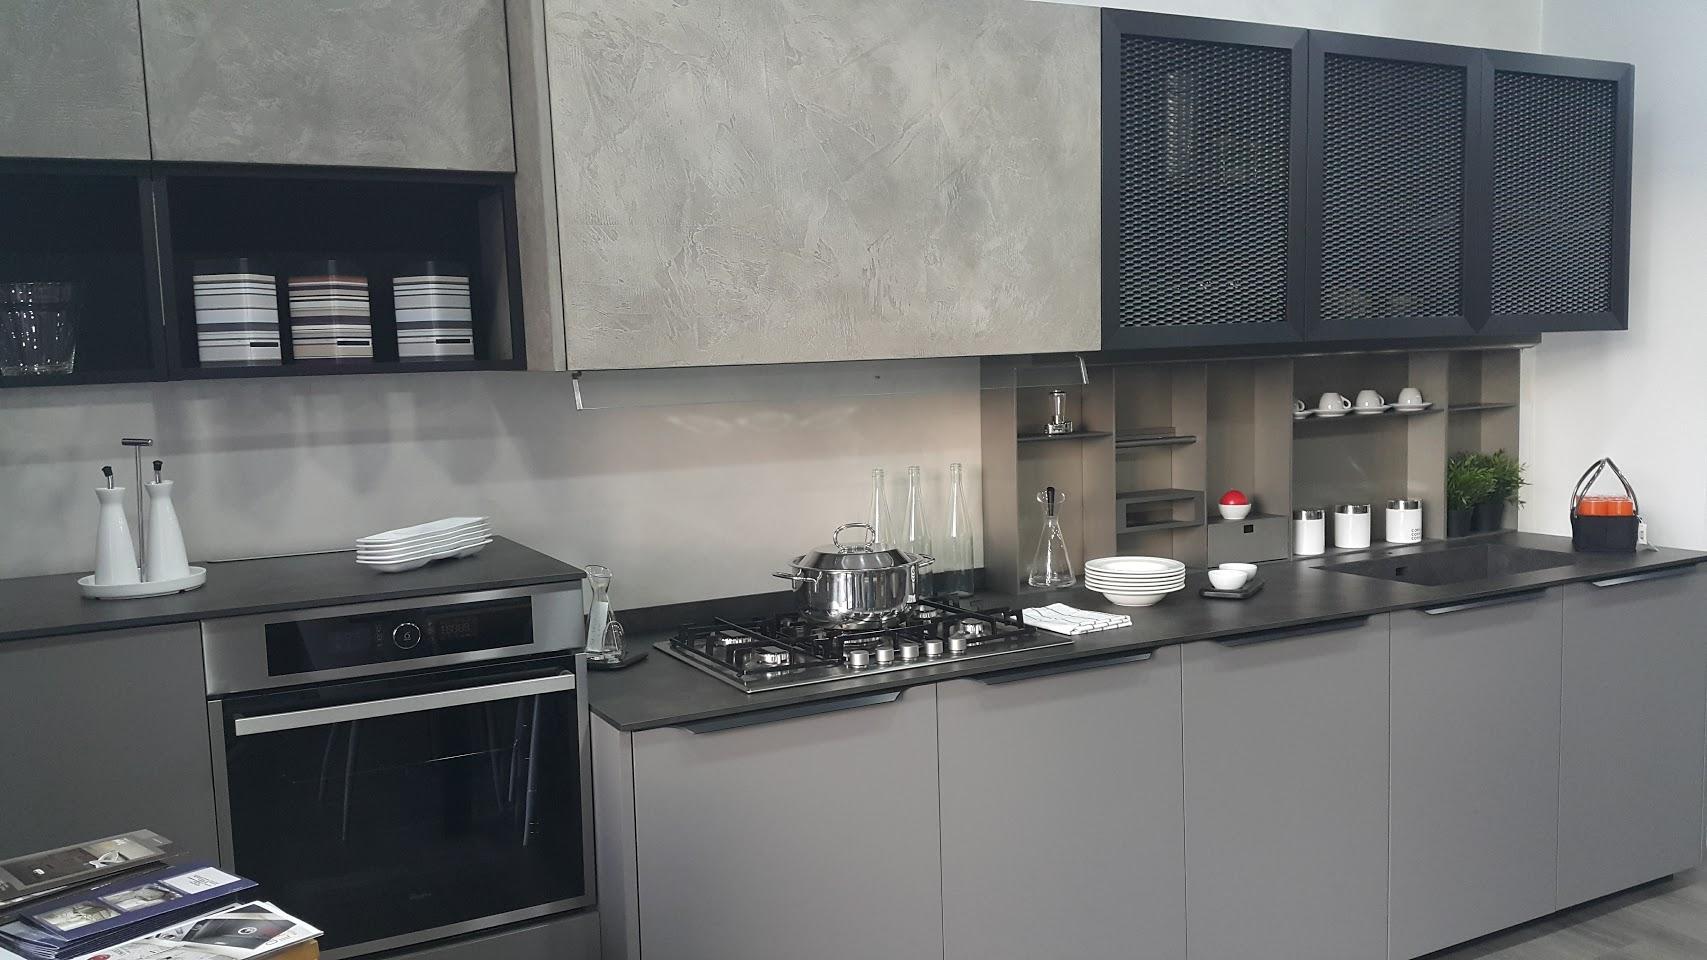 Cucina lube cucine oltre industriale cucine a prezzi - Cucina lube prezzo ...